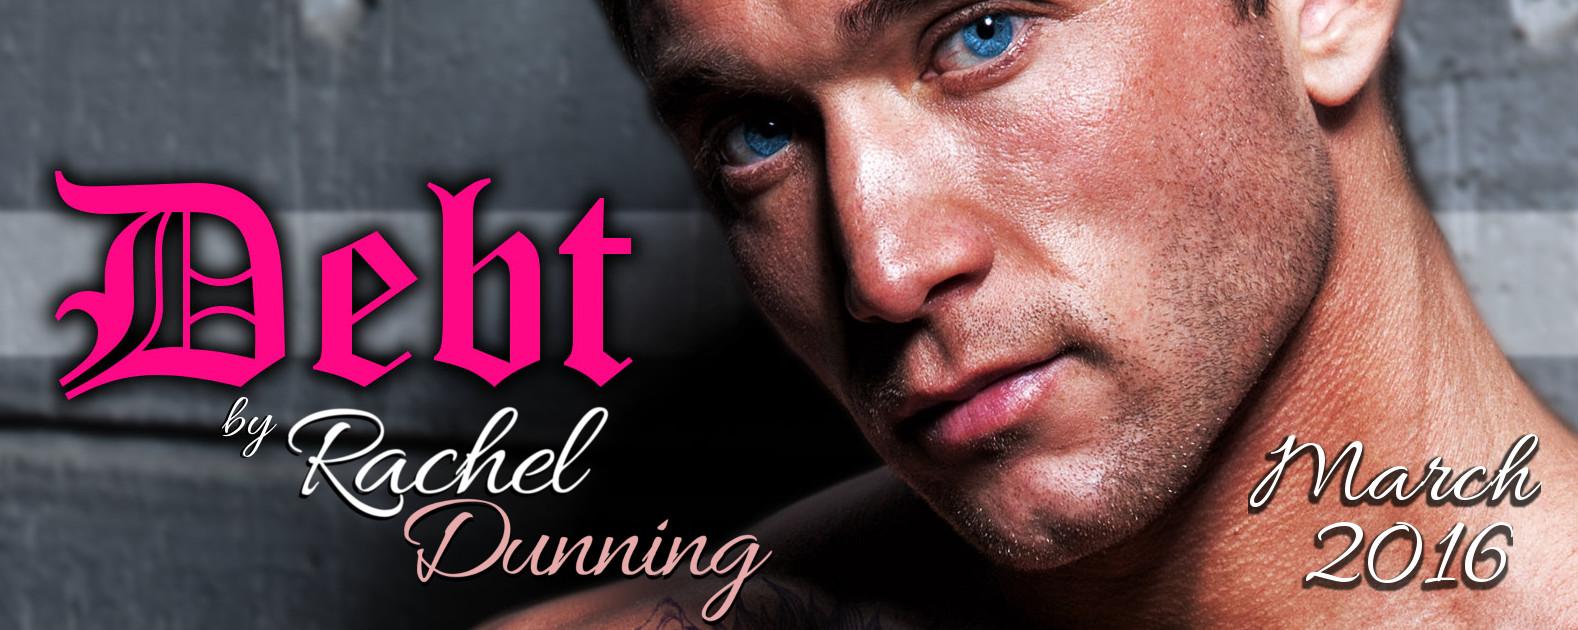 Coming Soon! Debt by Rachel Dunning